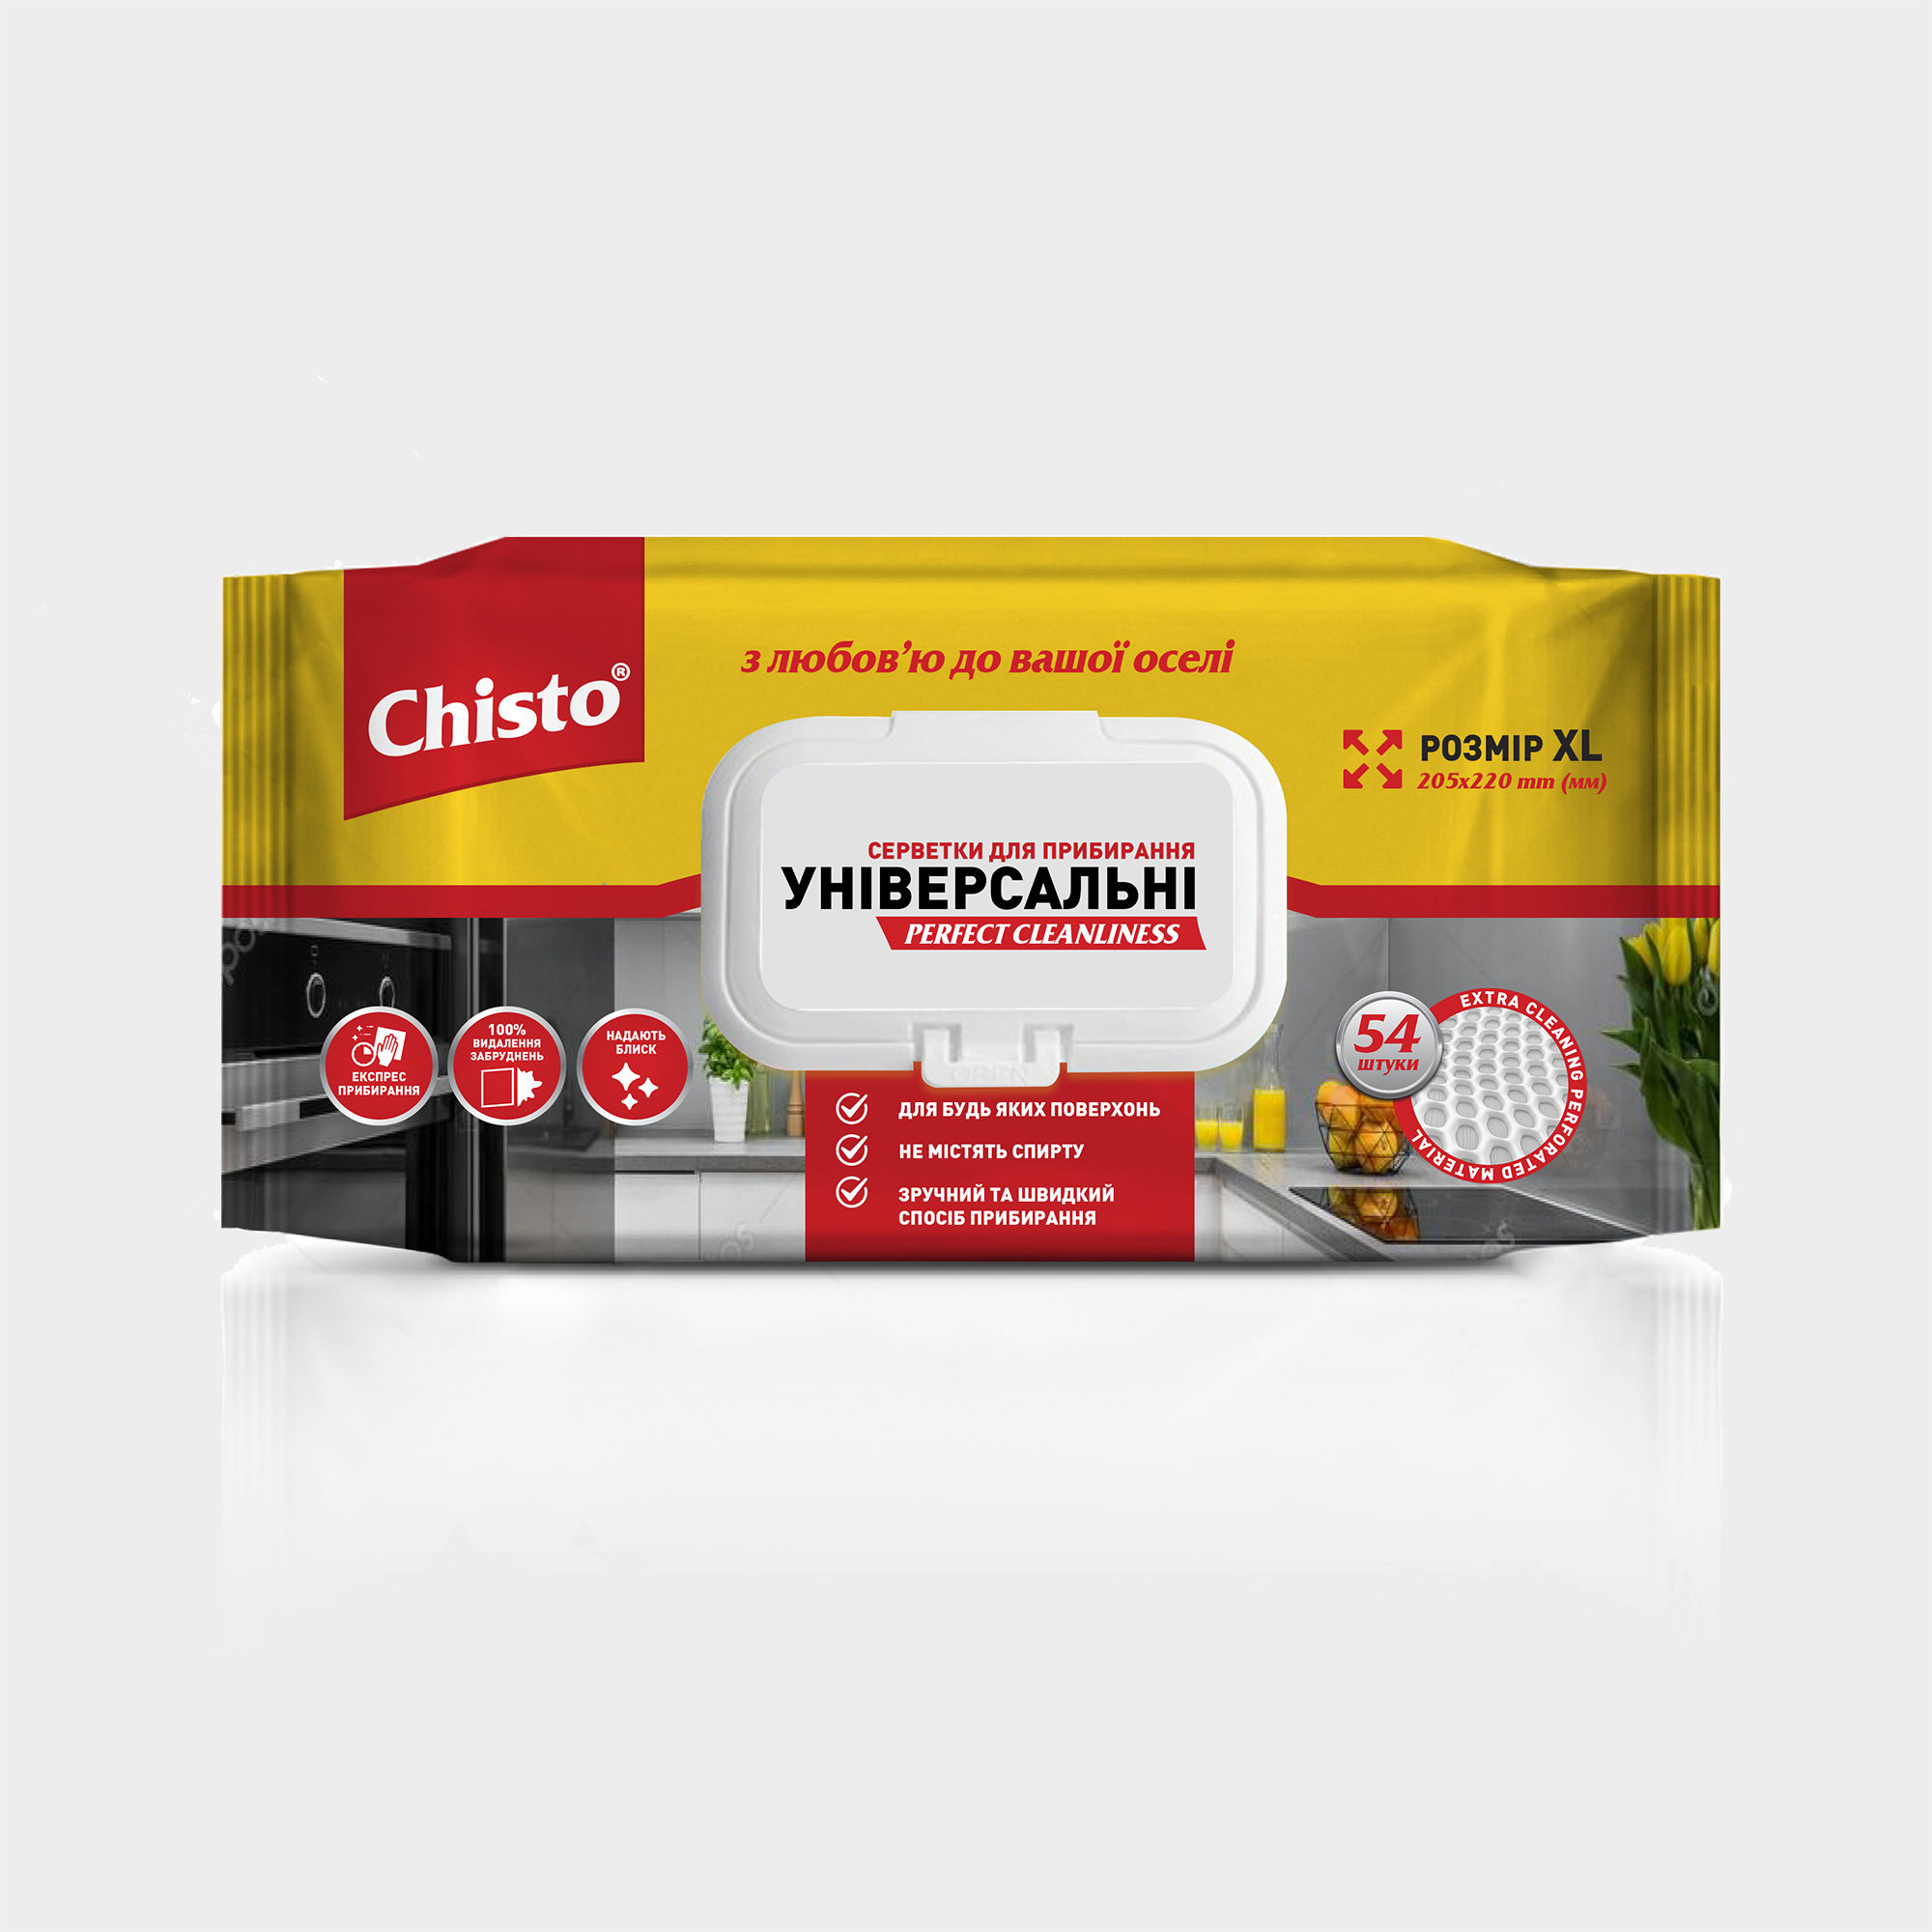 Серветки вологі універсальні для прибирання Chisto